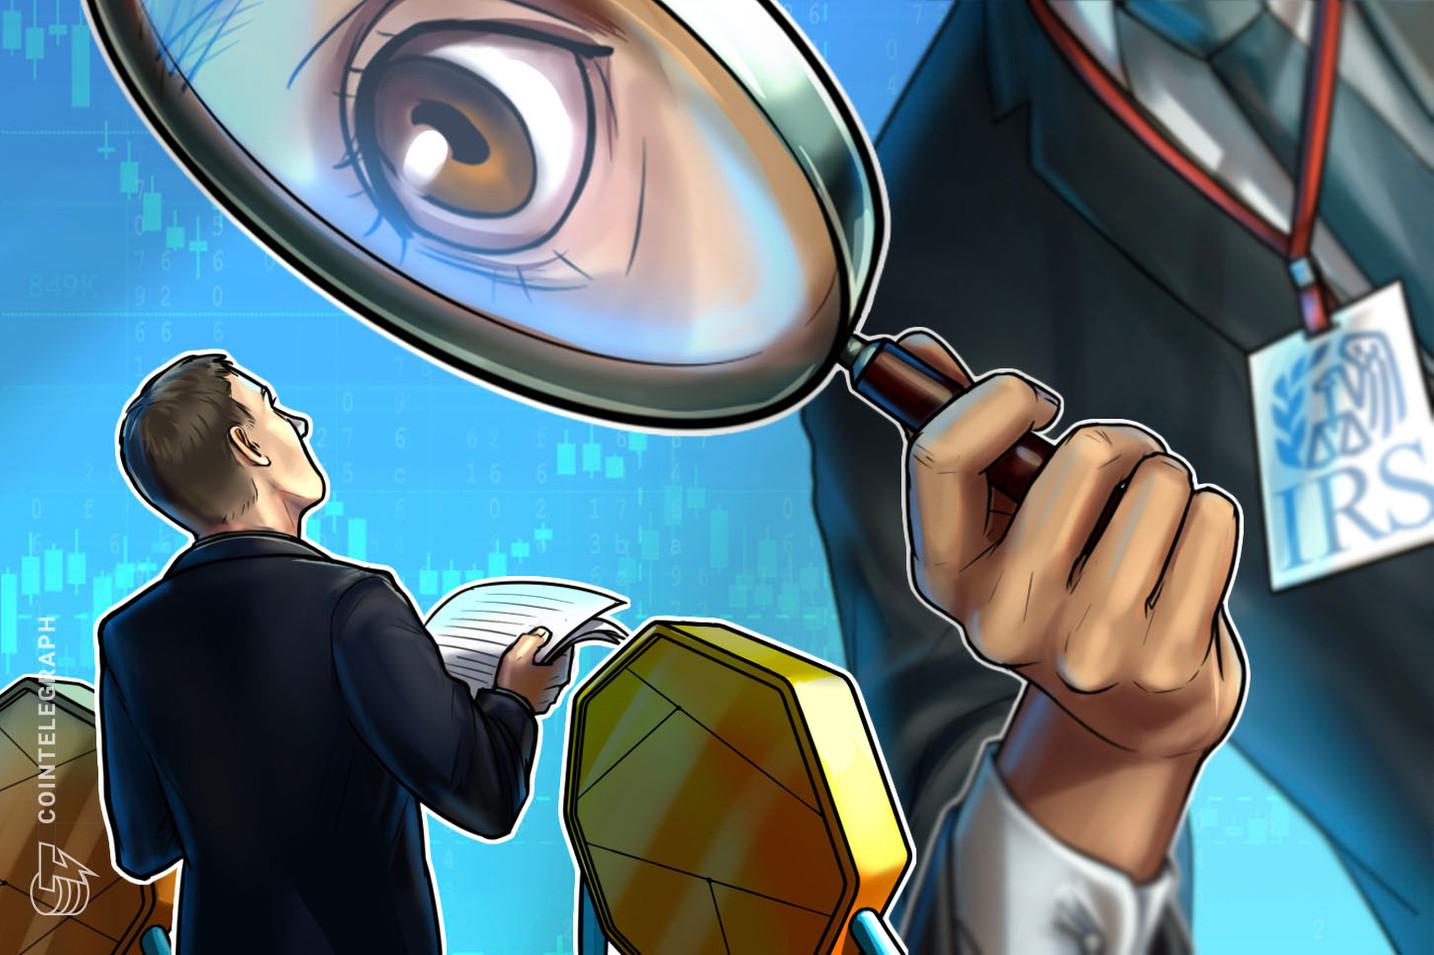 US-Steuerbehörde IRS investiert in weitere Krypto-Verfolgungs-Tools